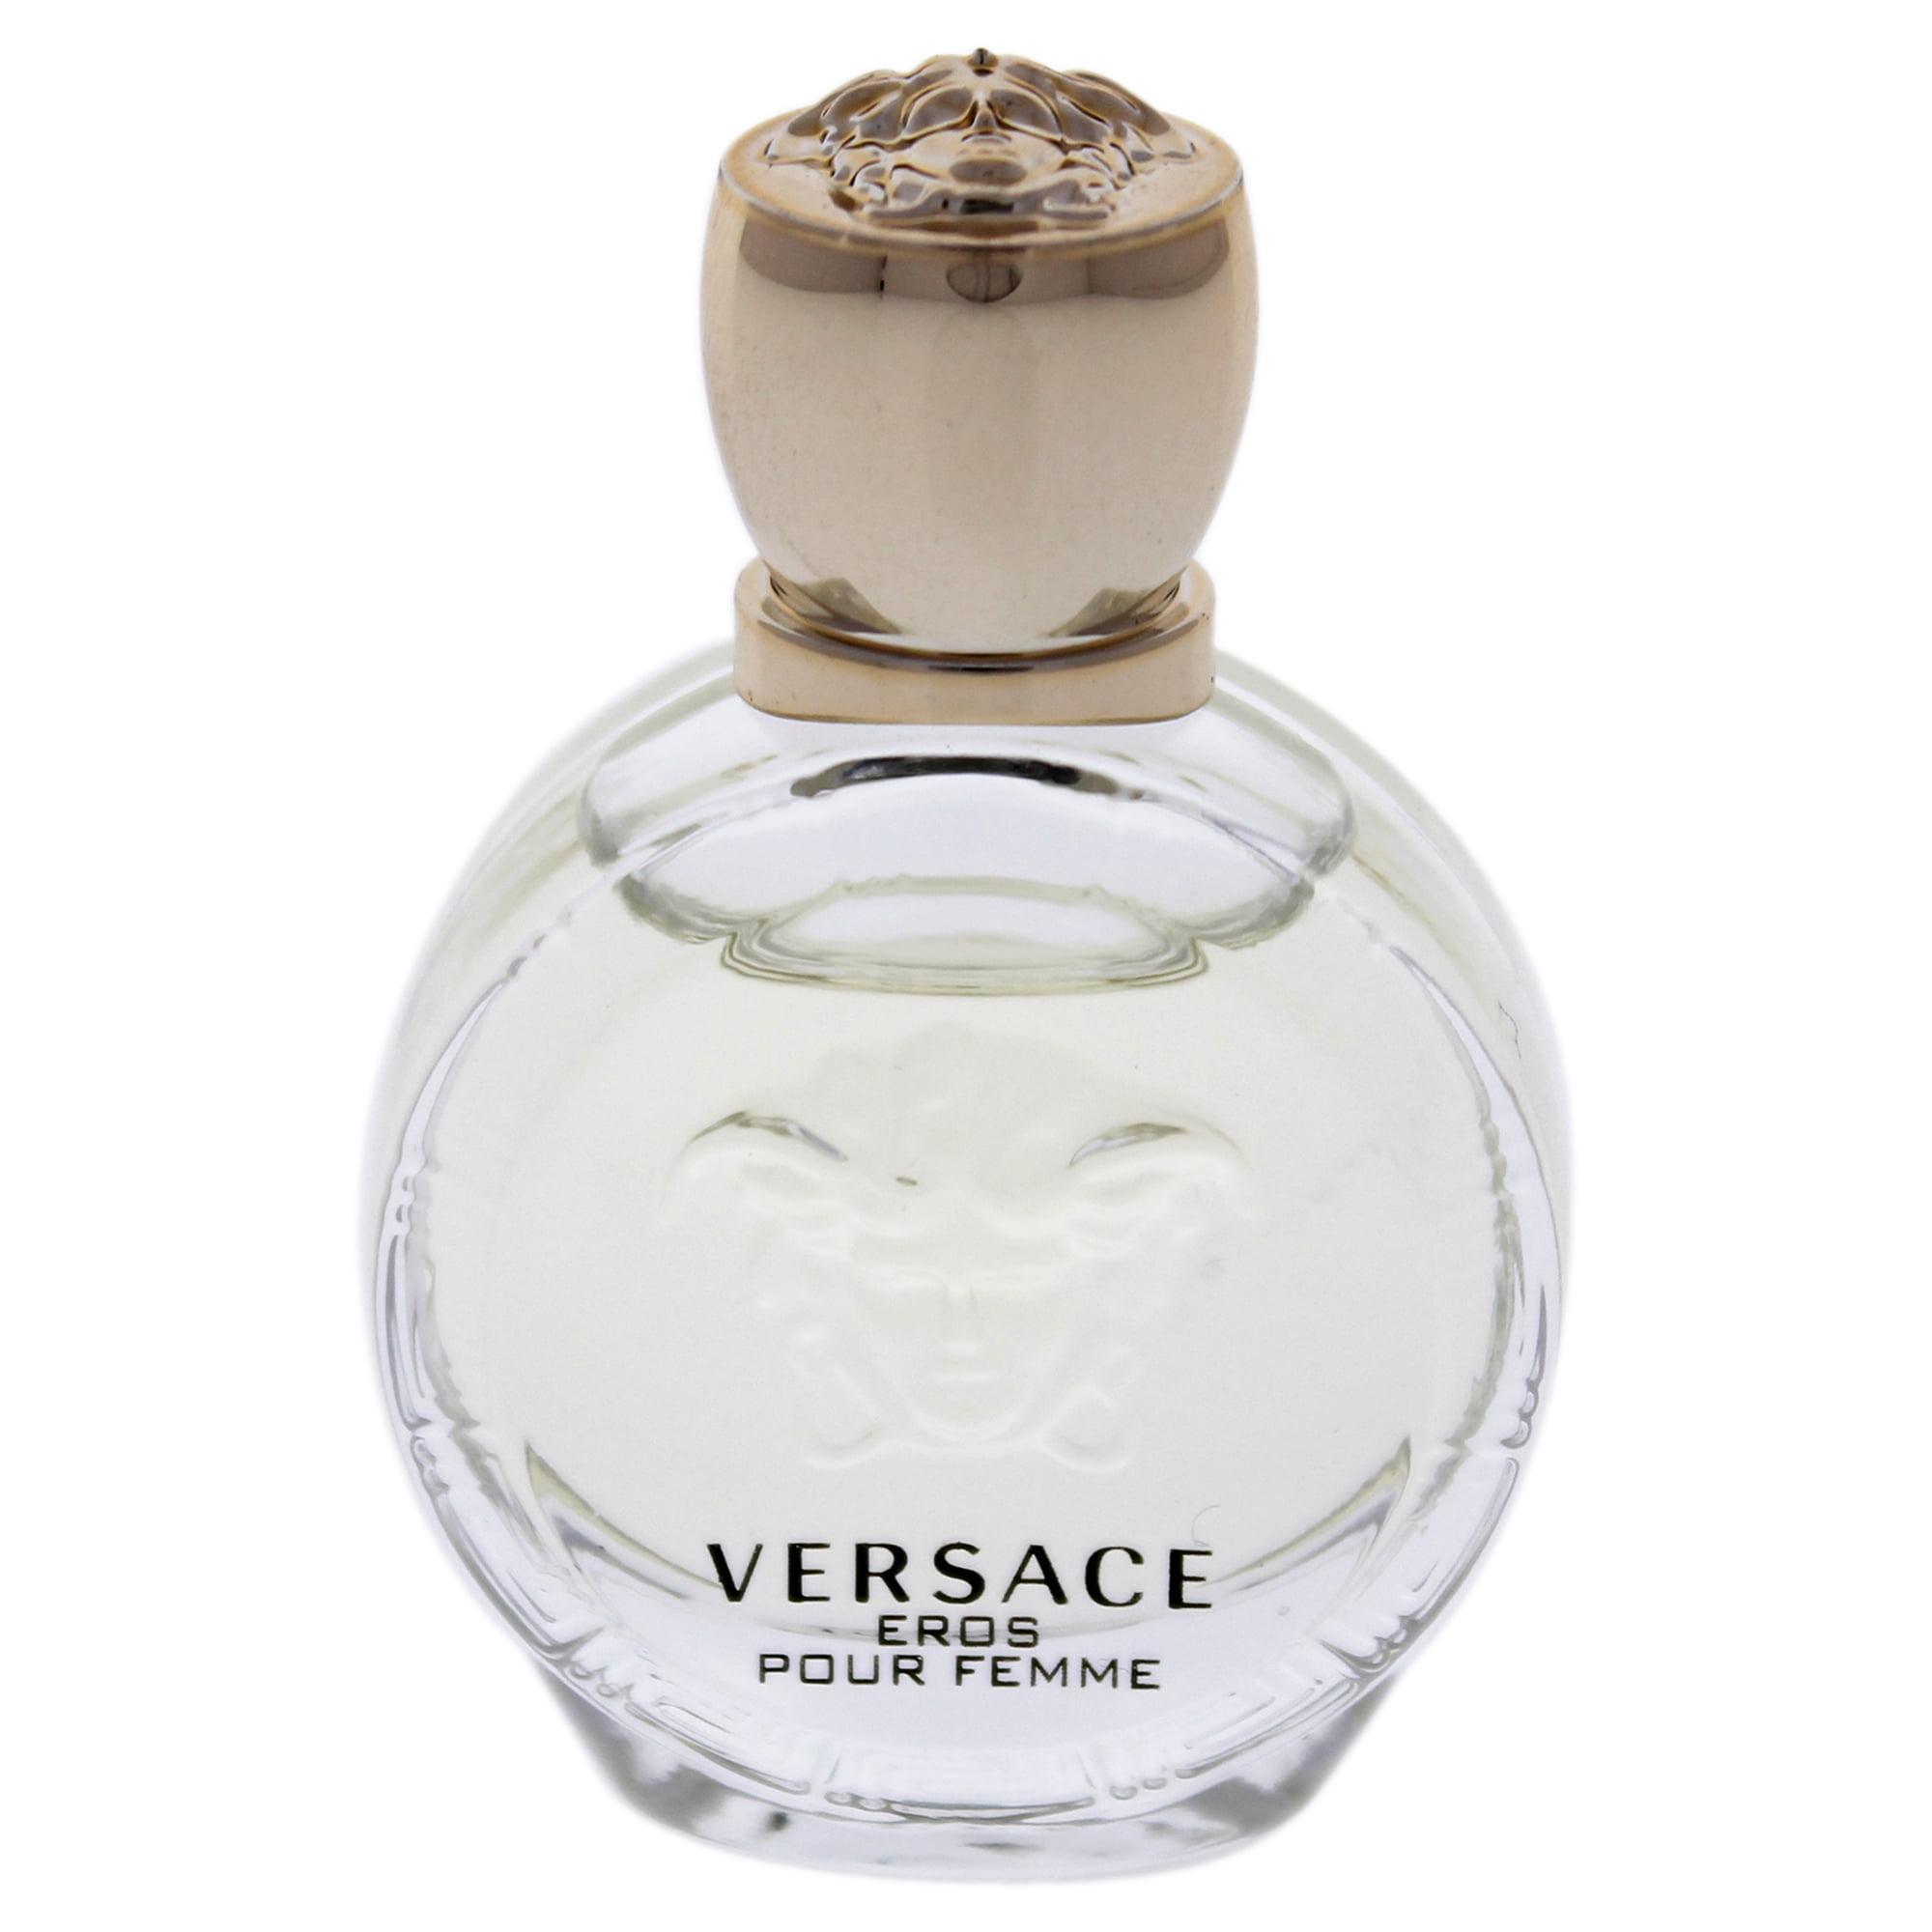 Versace - ($20 Value) Versace Eros Pour Femme Eau De Parfum, Perfume for Women, 0.17 Oz - Walmart.com